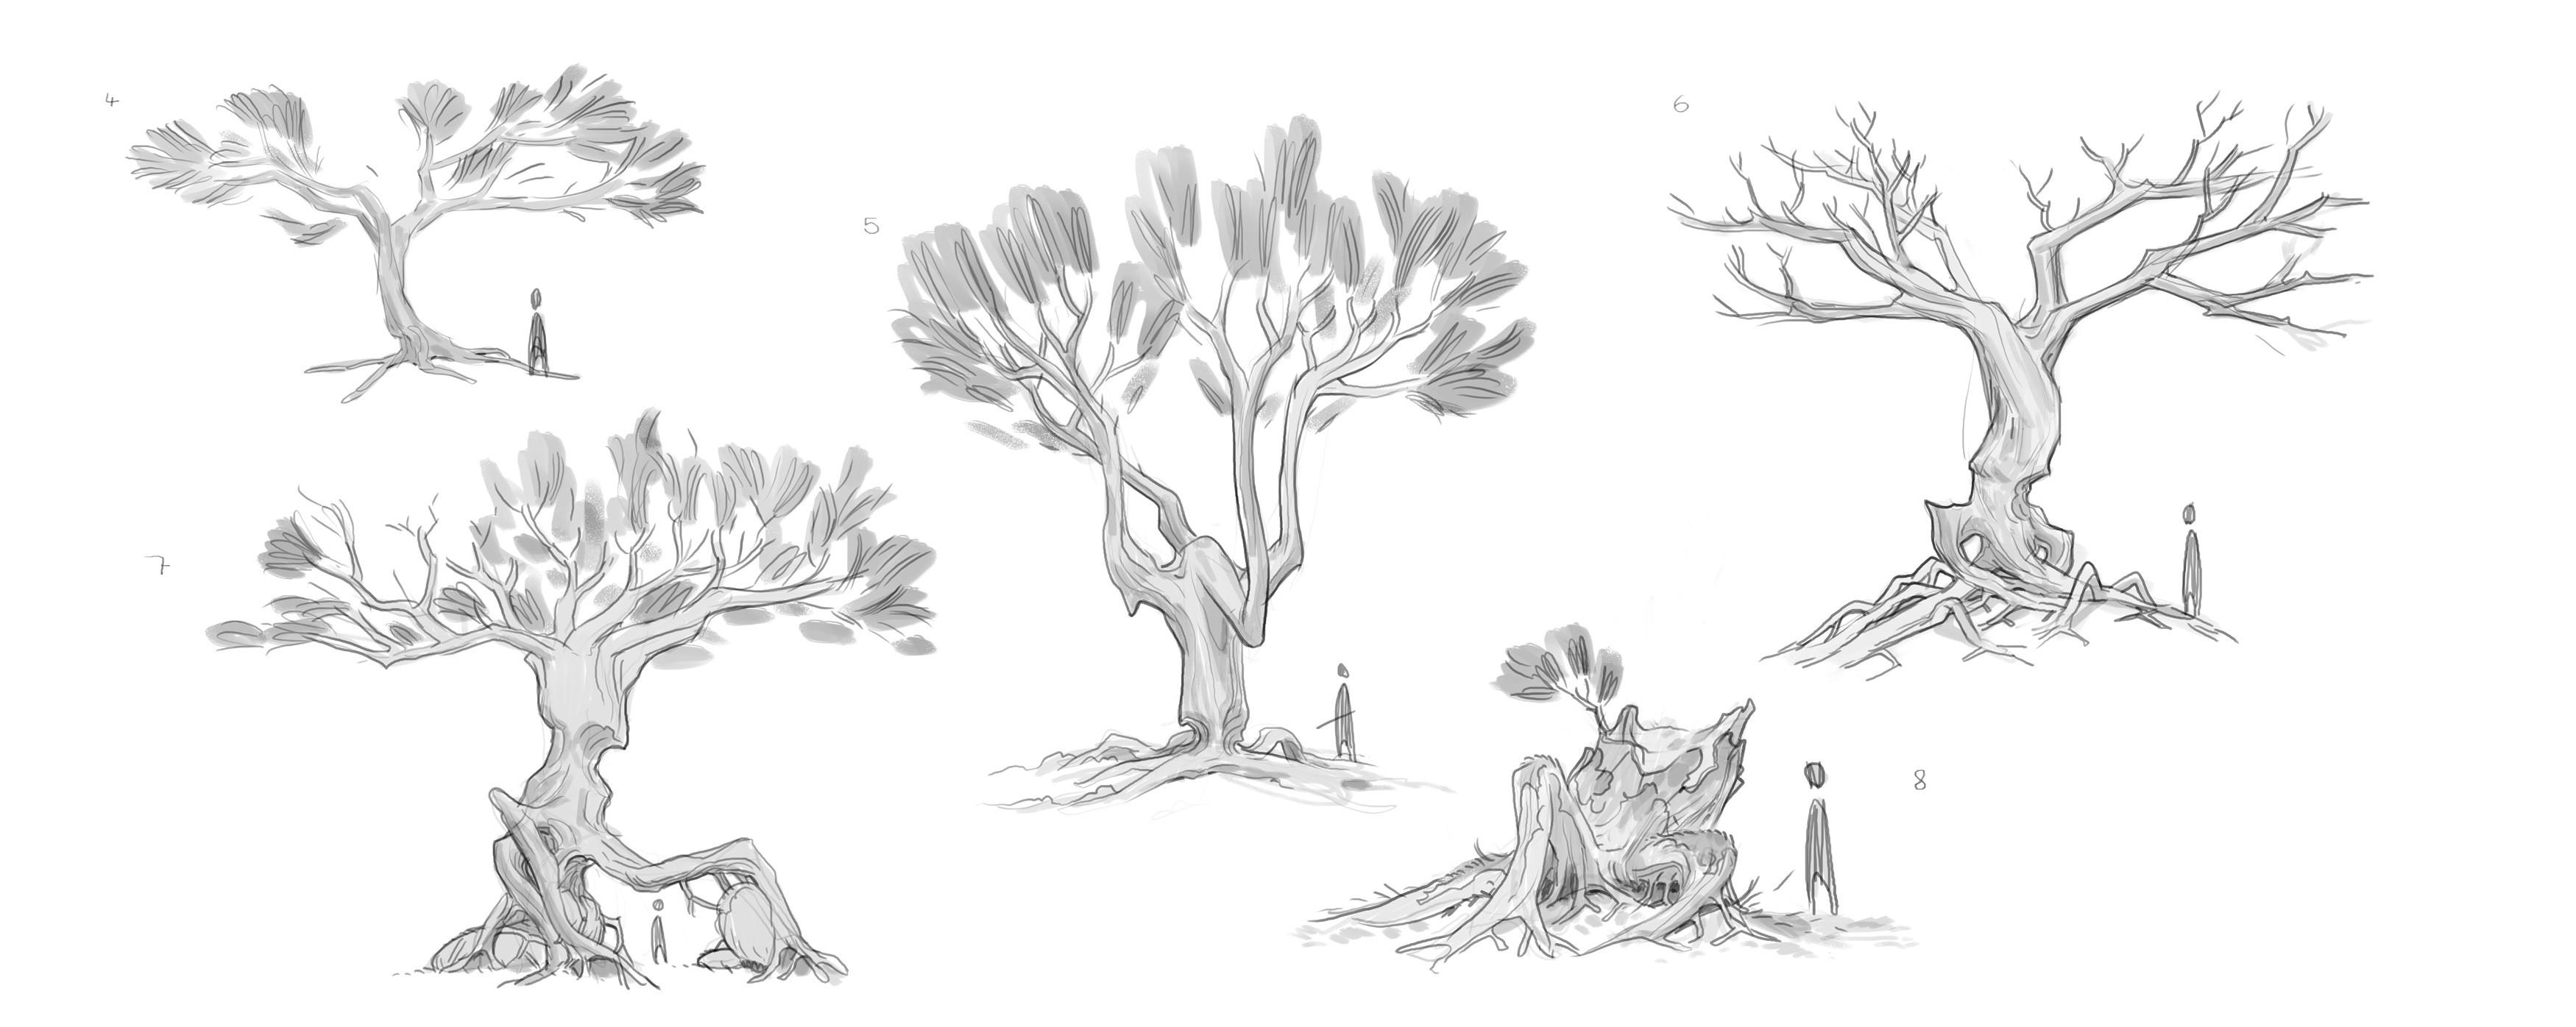 Tree Callouts